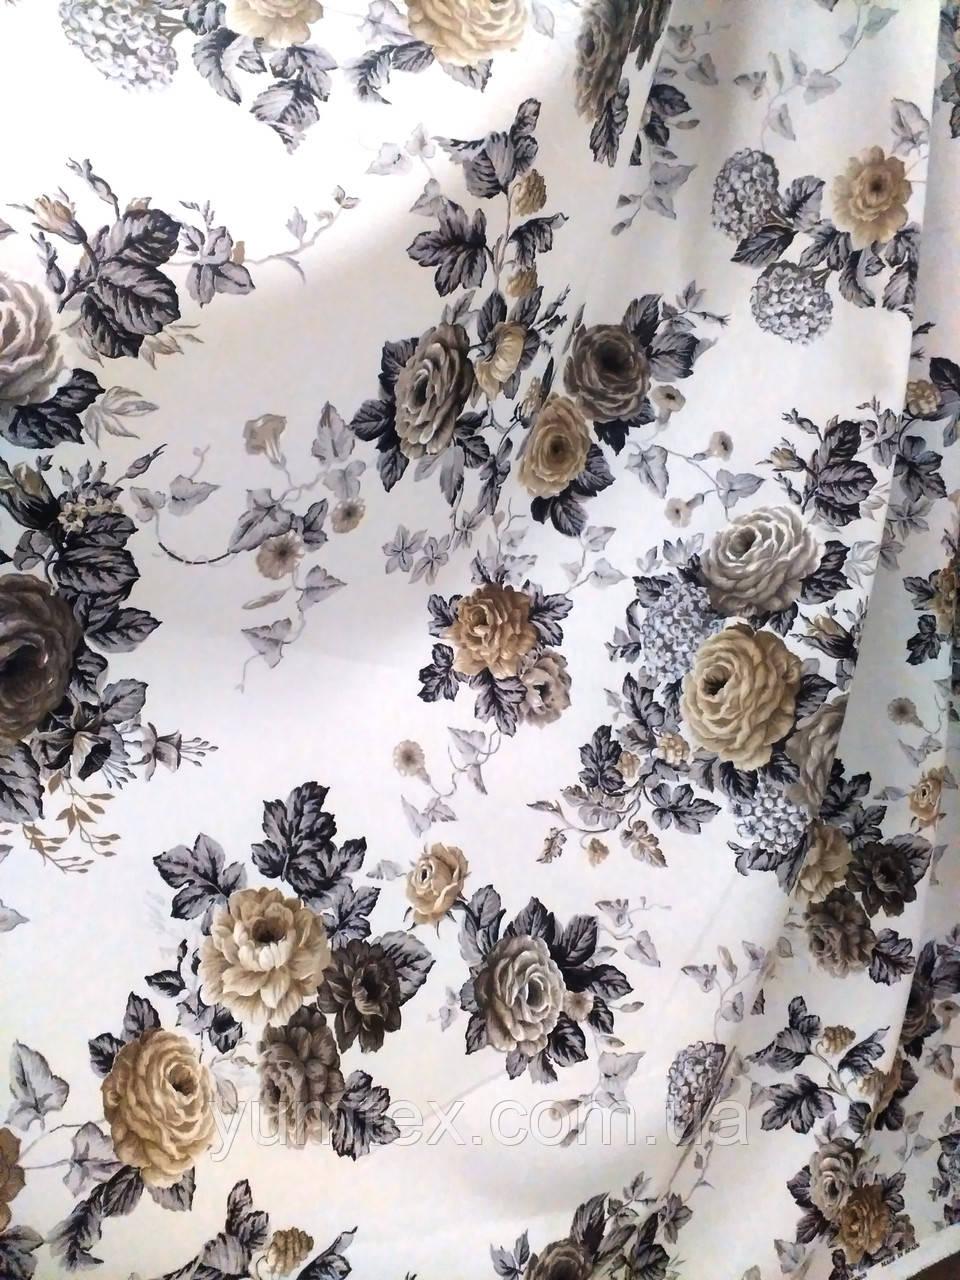 Ткань для штор, скатертей в стиле прованс, 50 % хлопок, букеты роз, графитовый+коричневый